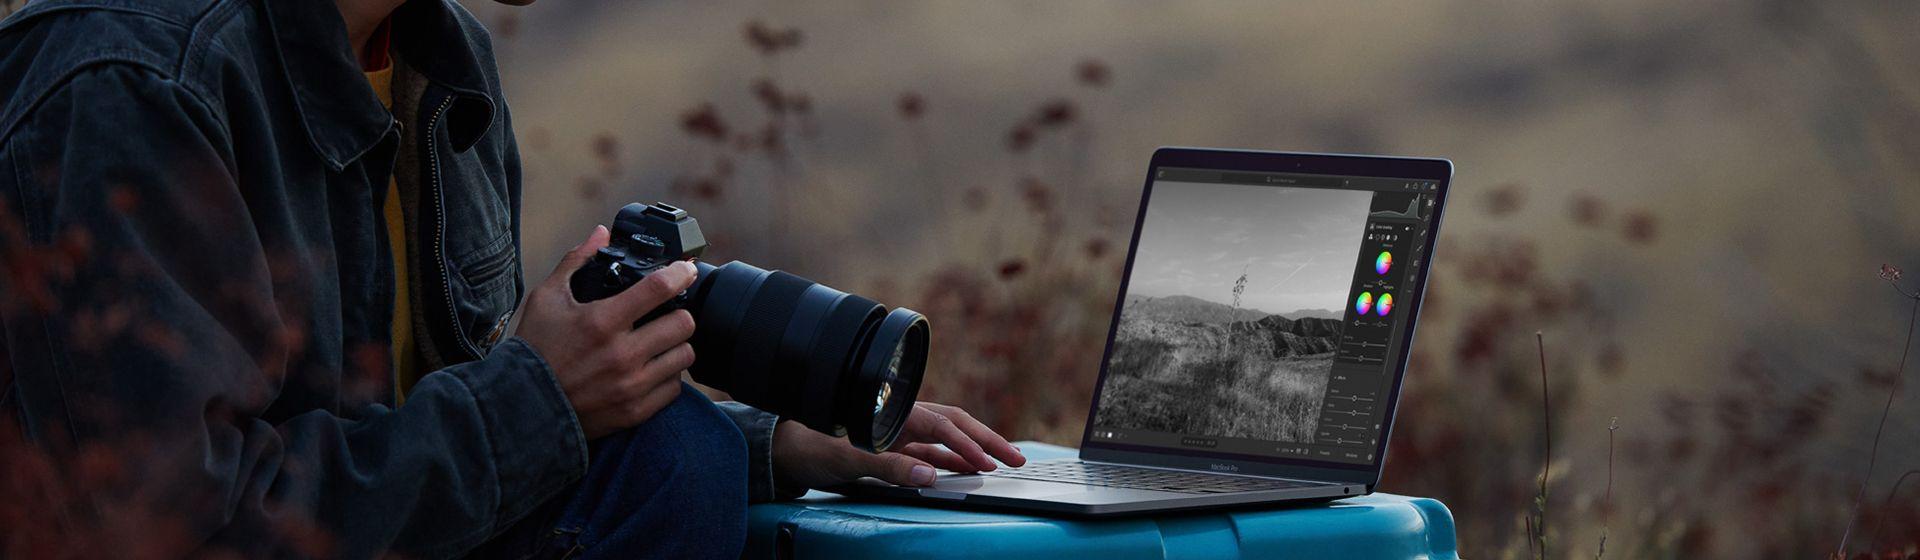 Apple lança MacBooks e Mac Mini com chip M1; veja preço e lançamento